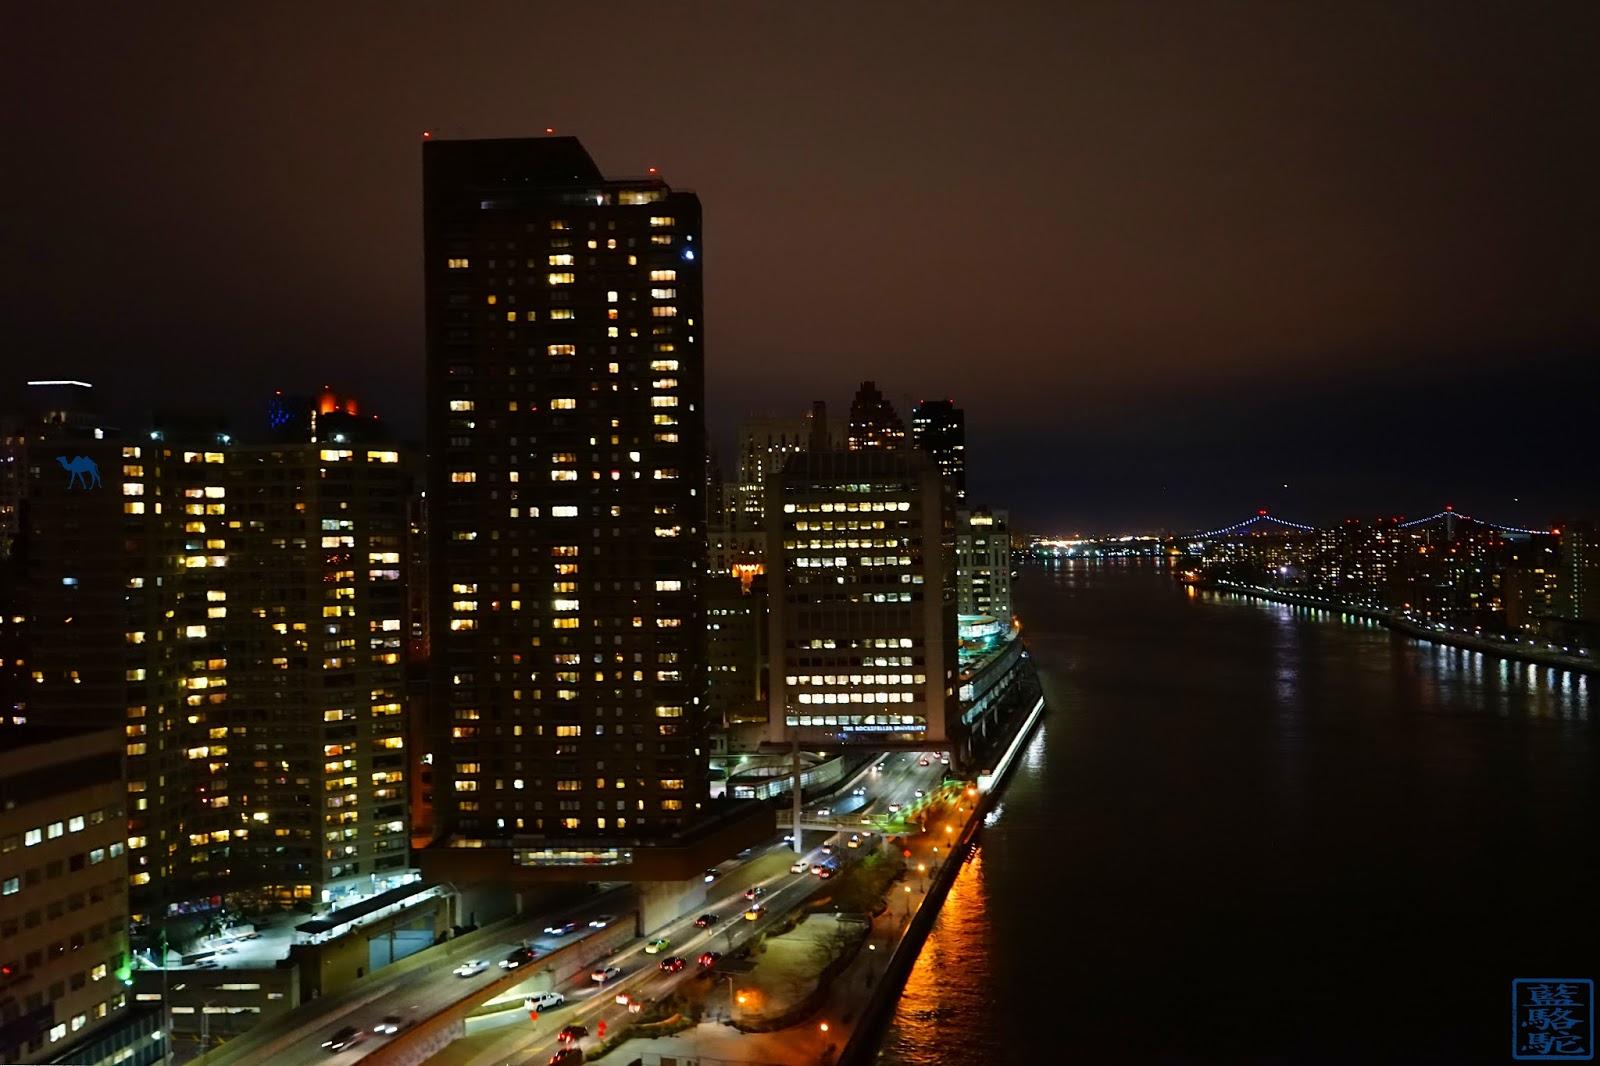 Le Chameau Bleu - Blog Voyage New York City - Vue depuis le téléphérique de roosevelt island New York